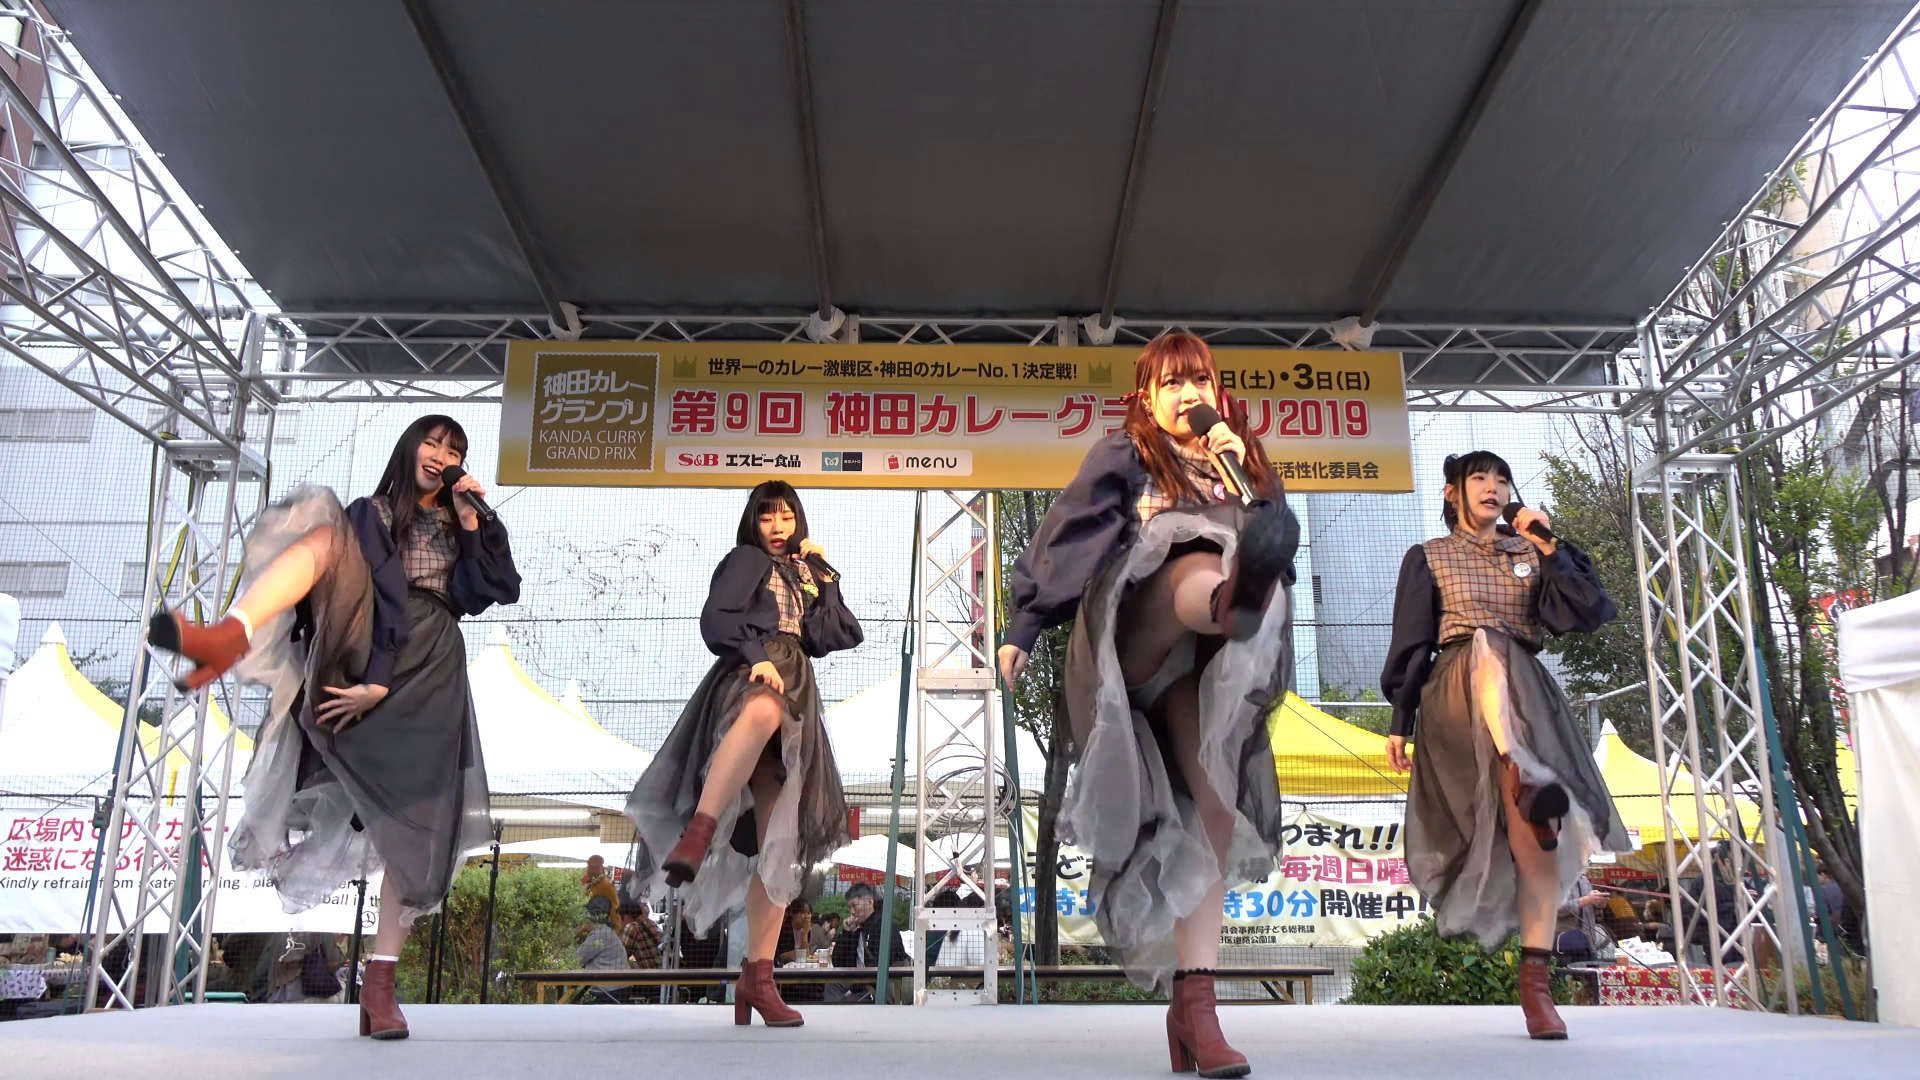 【固定】191102 【 Anoco.<あの子> 】 神田カレーグランプリ 02:19